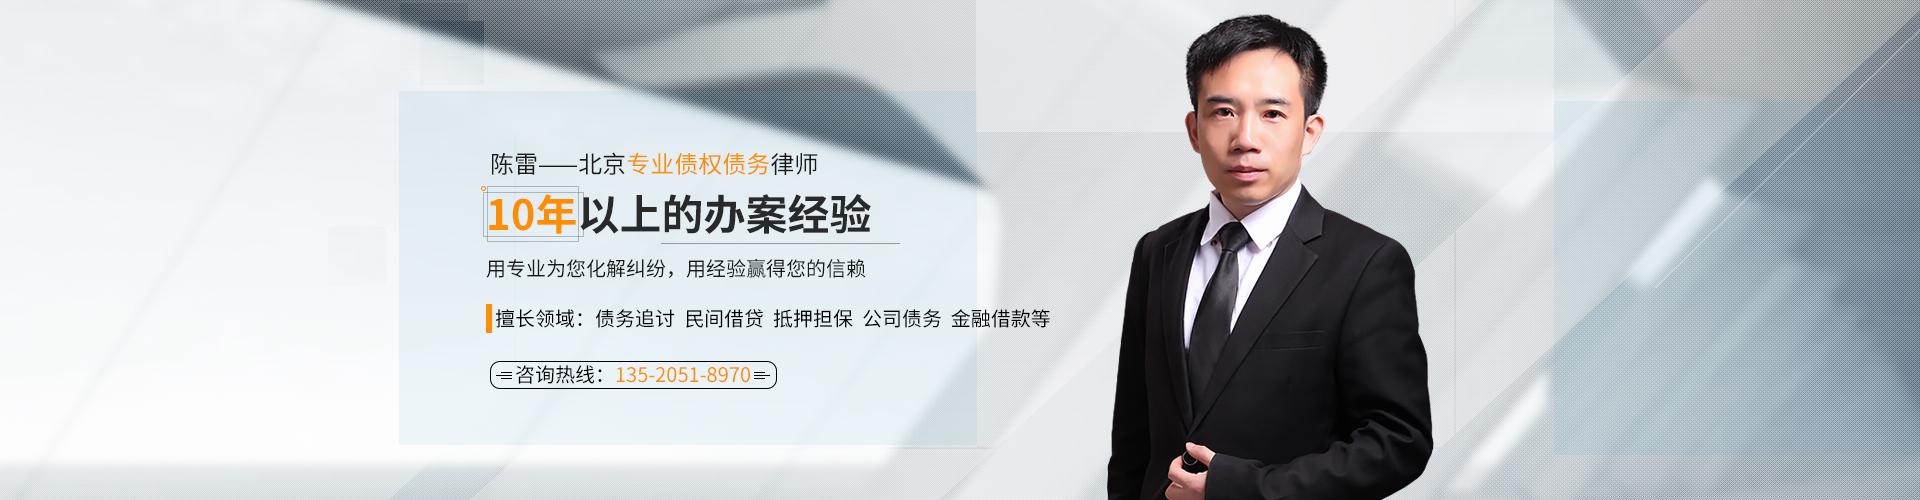 北京陈雷律师